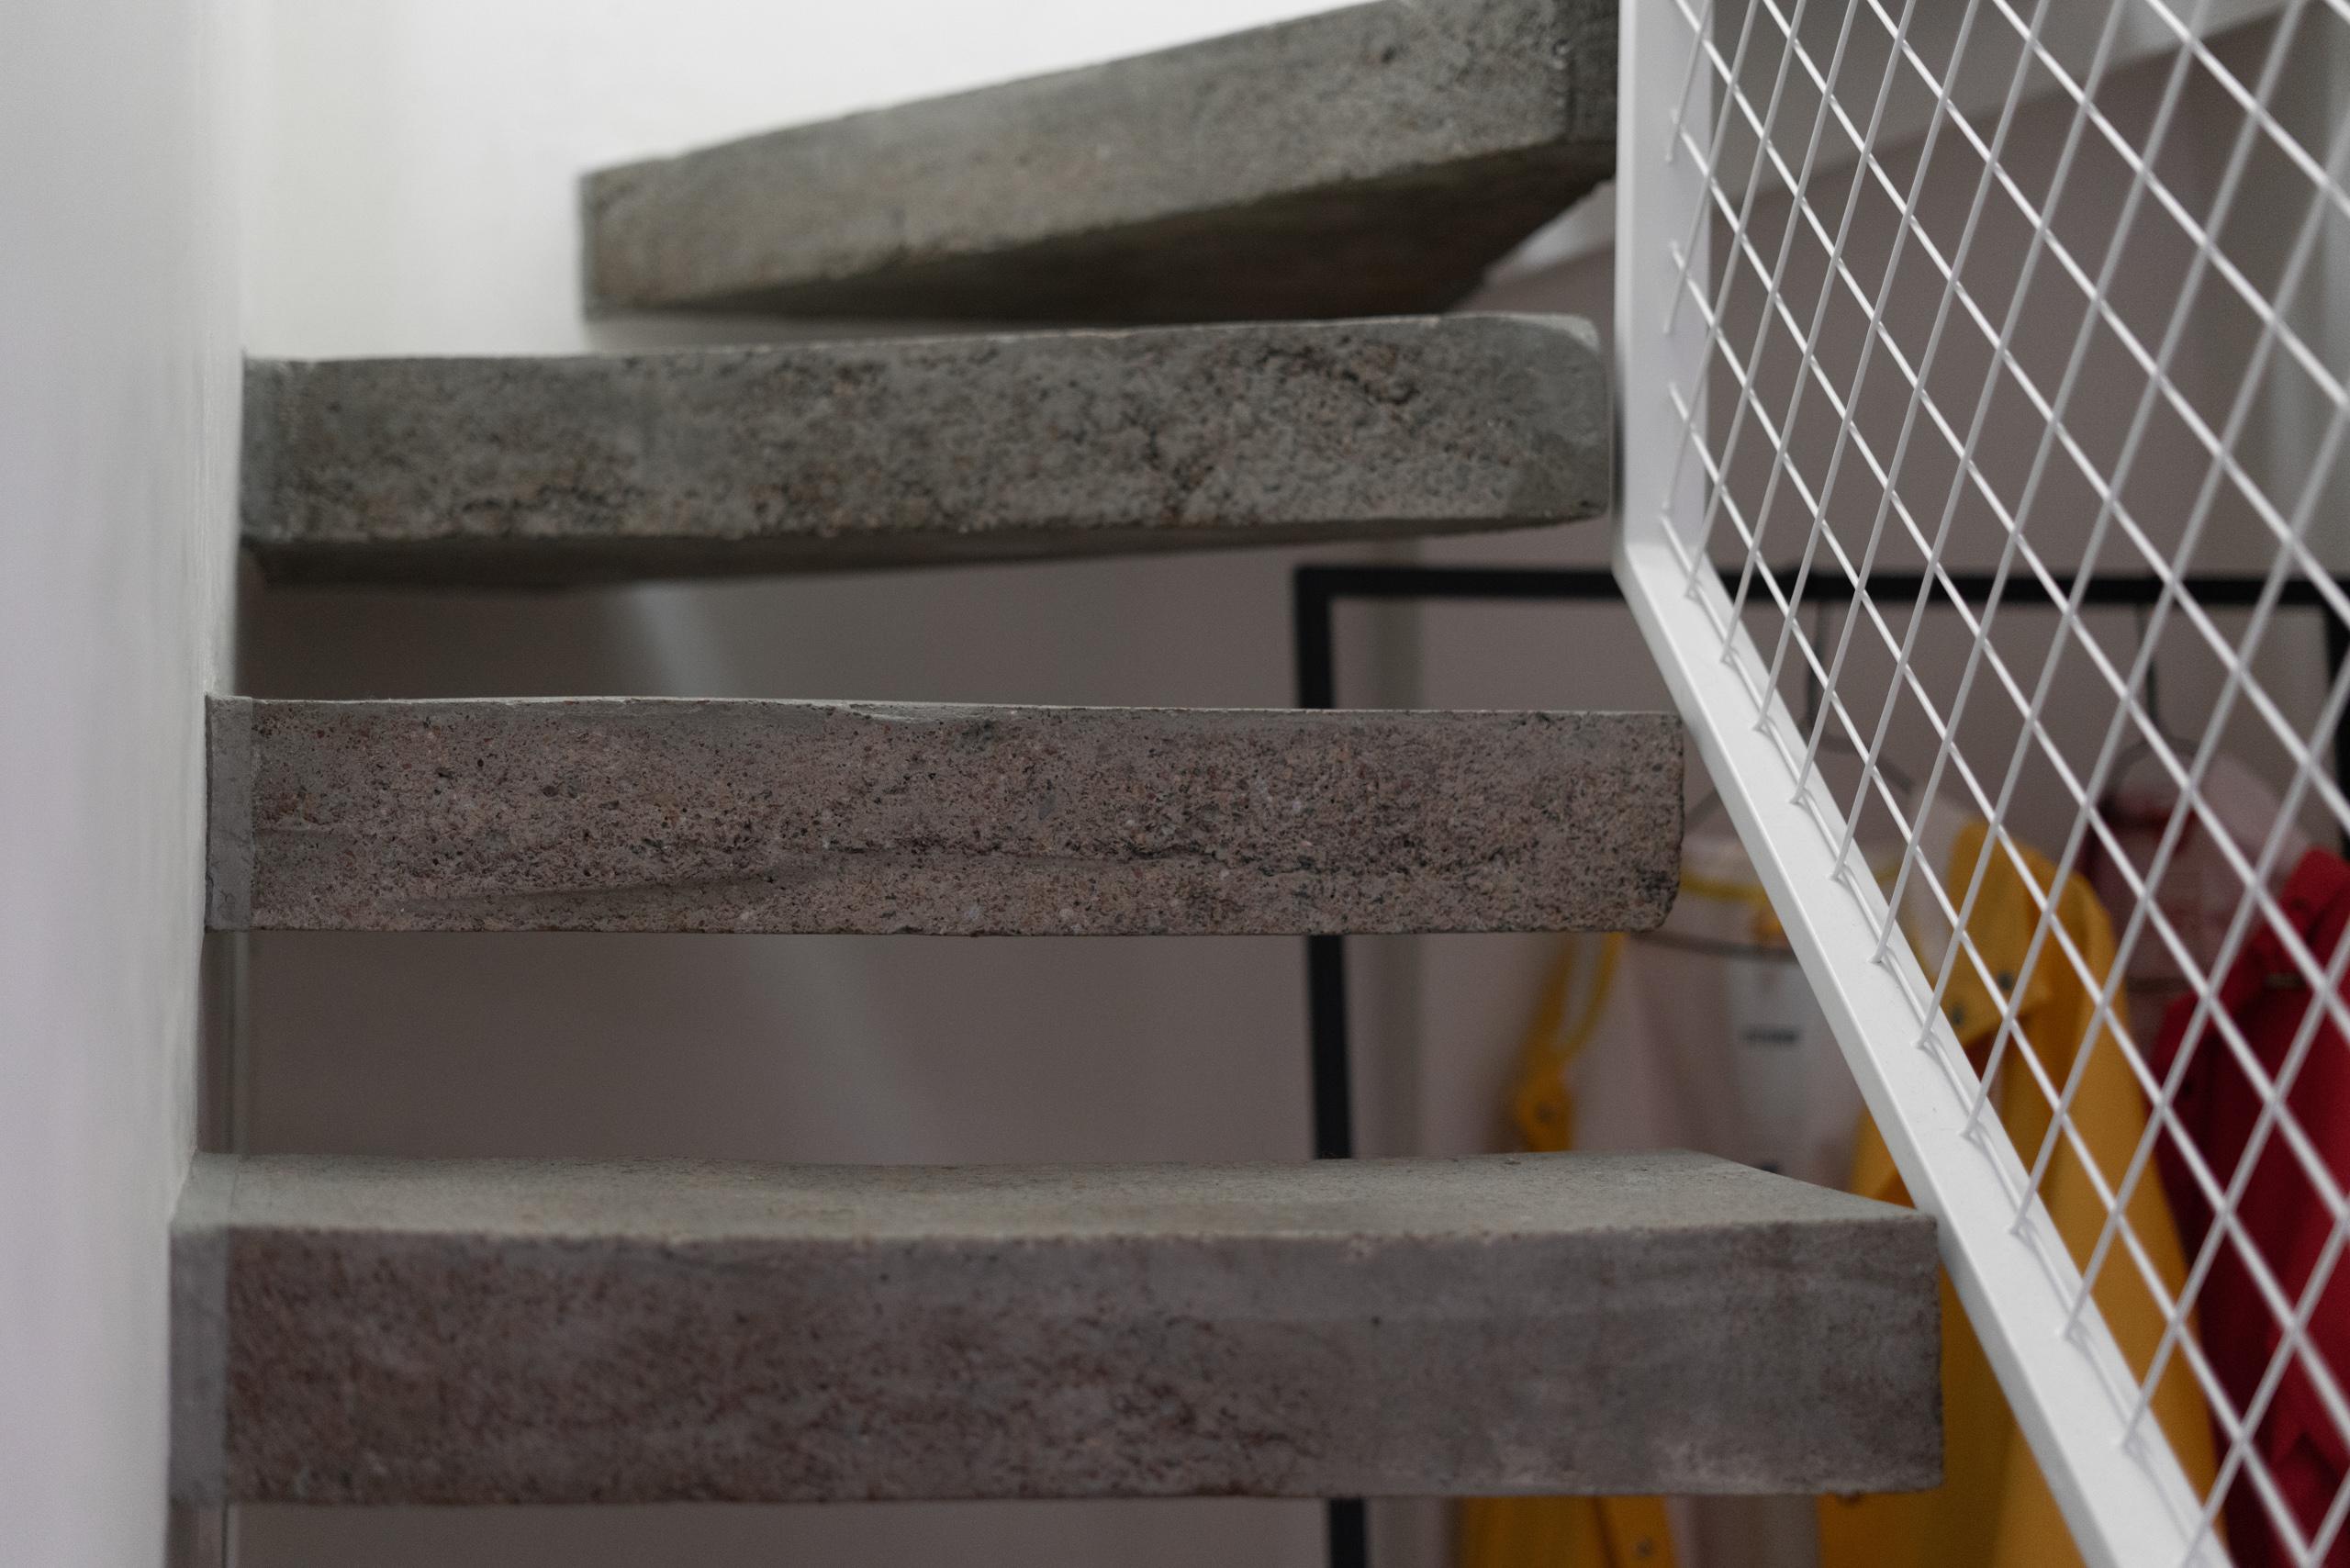 Фотосъемка интерьера бетонной лестницы крупным планом